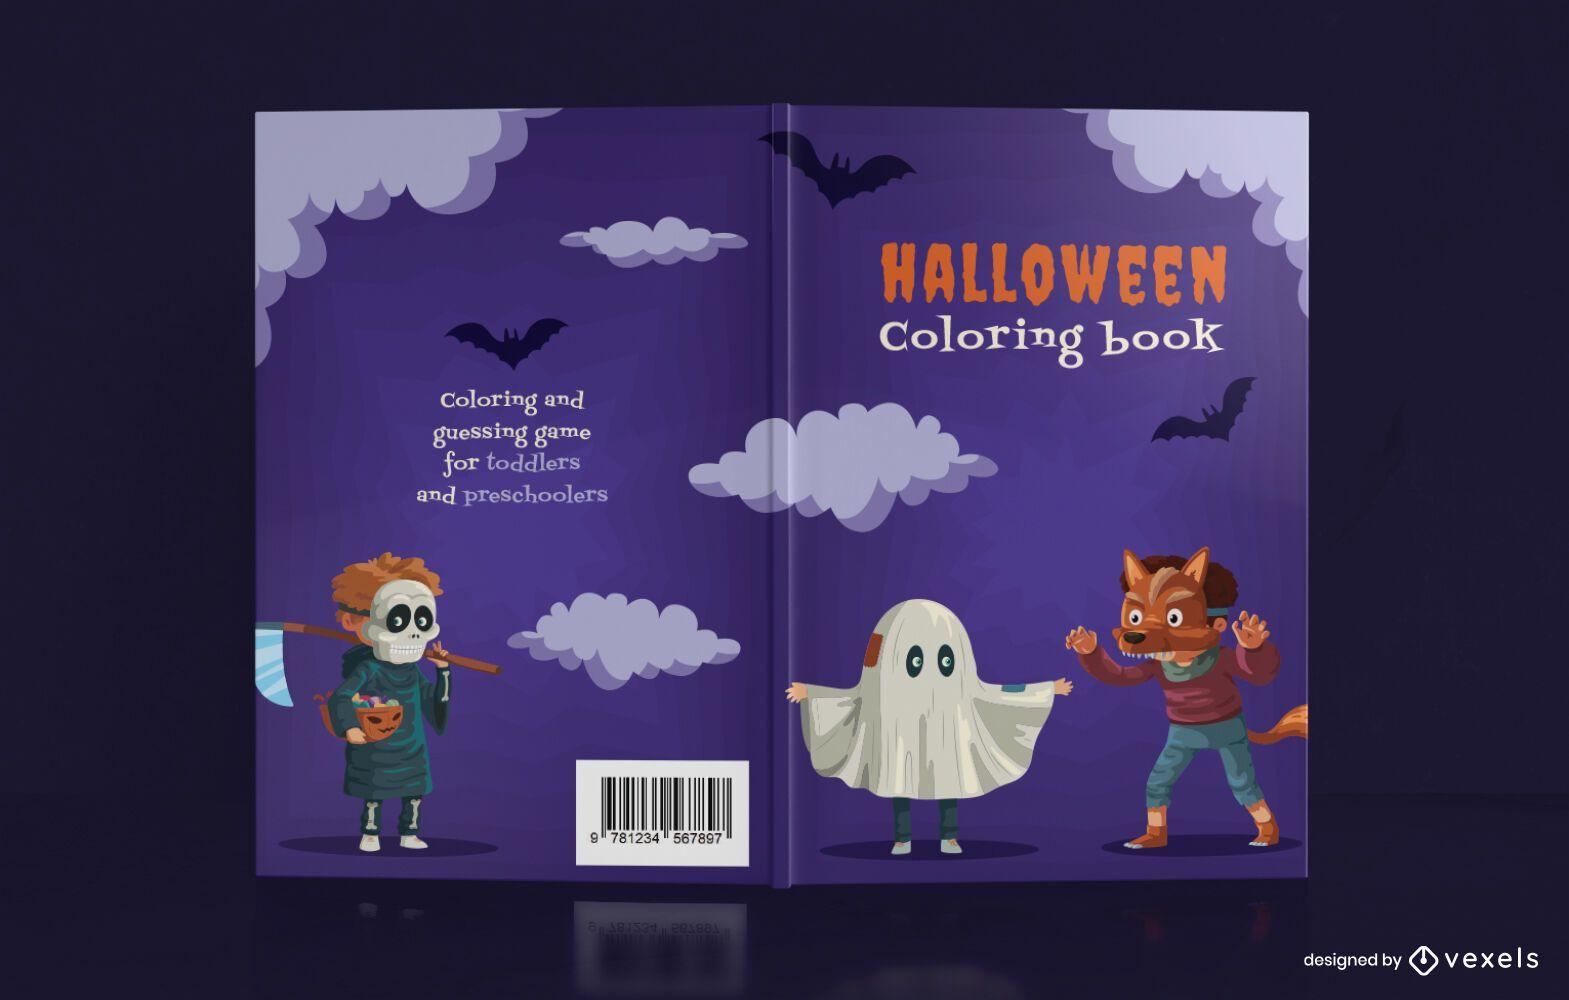 Diseño de portada de libro para colorear de Halloween